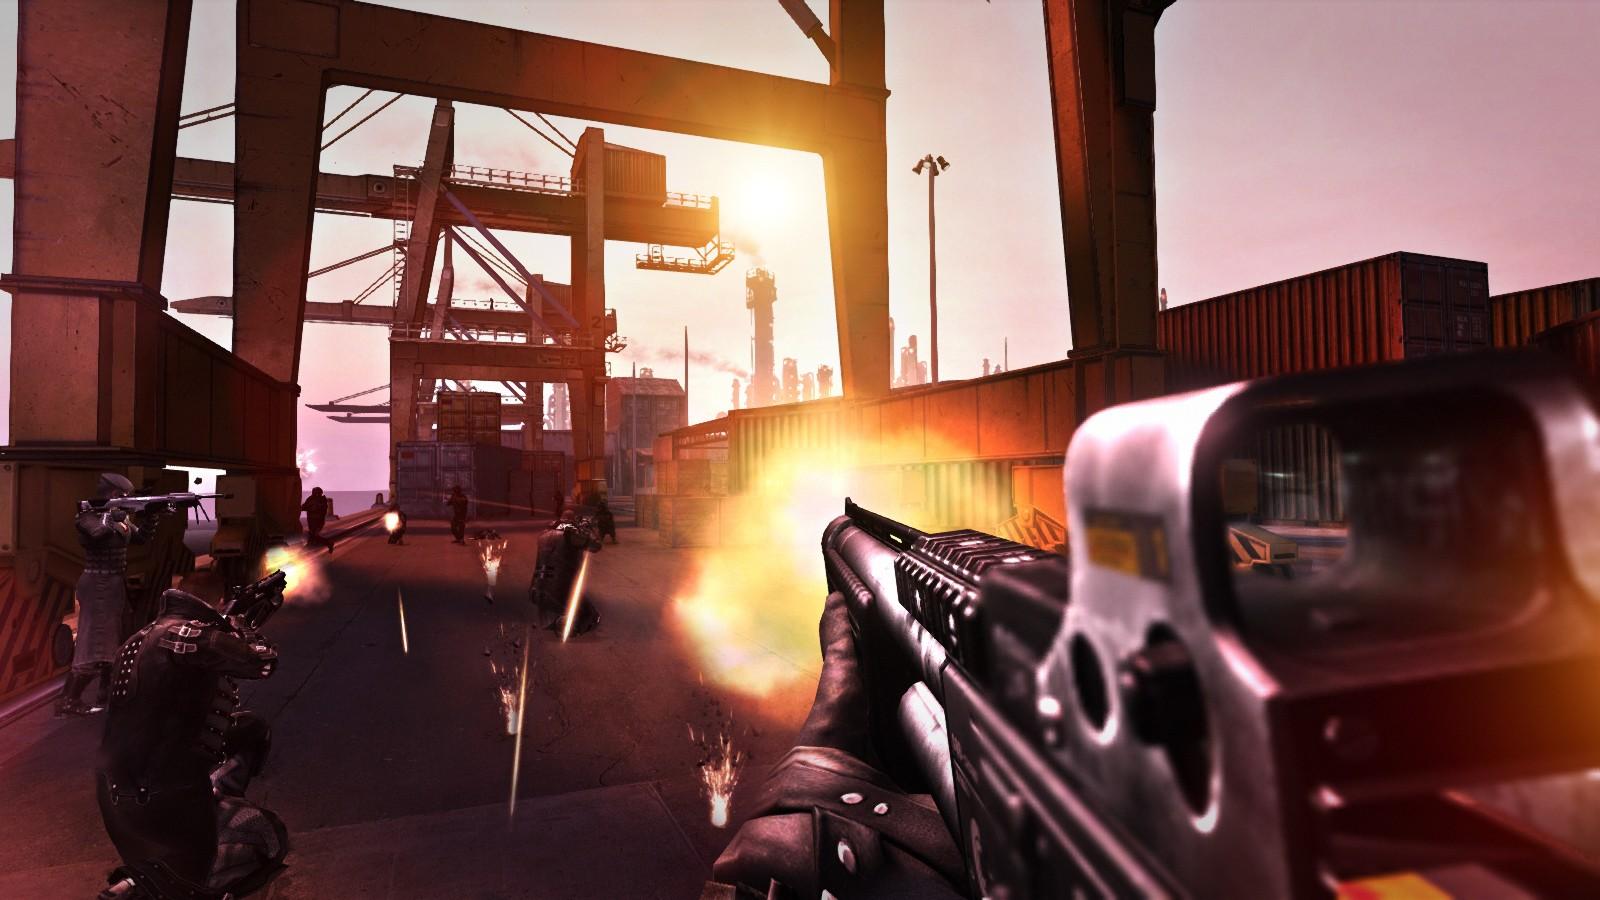 Скриншот 1. Syndicate (2012/PC/Origin-Rip/Rus) обновлен до версии 1.0.